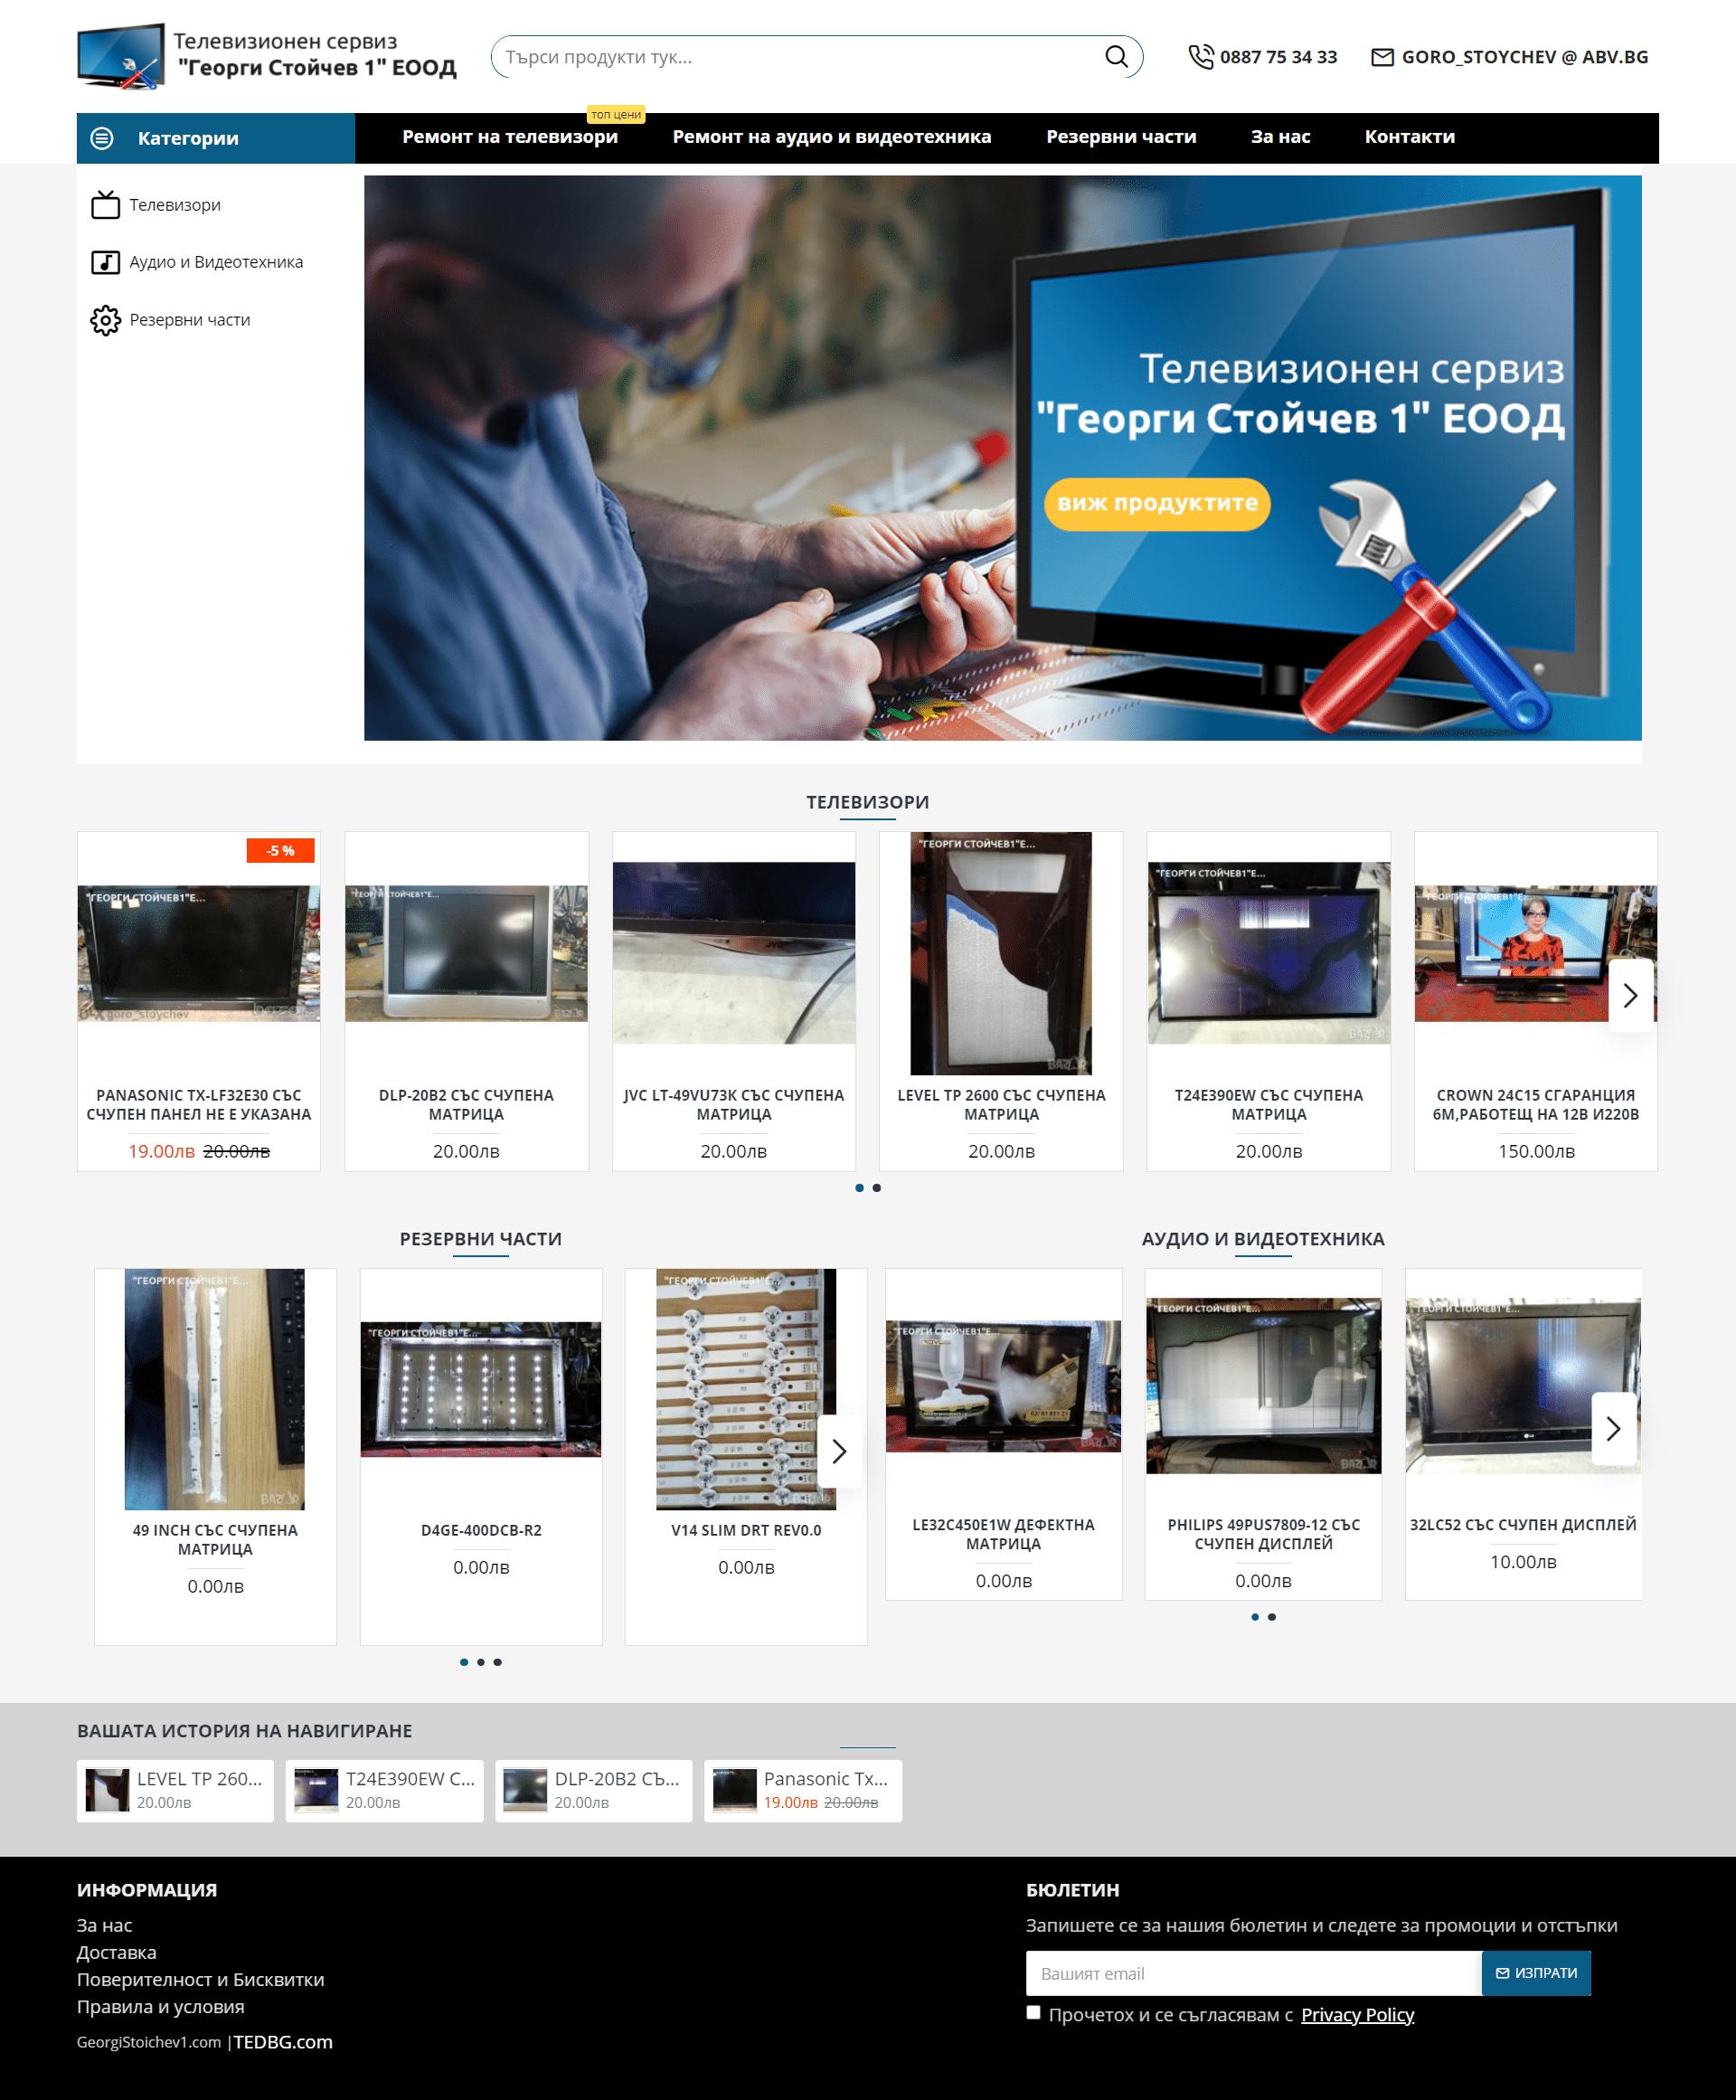 Сайт за телевизонна техника и сервиз